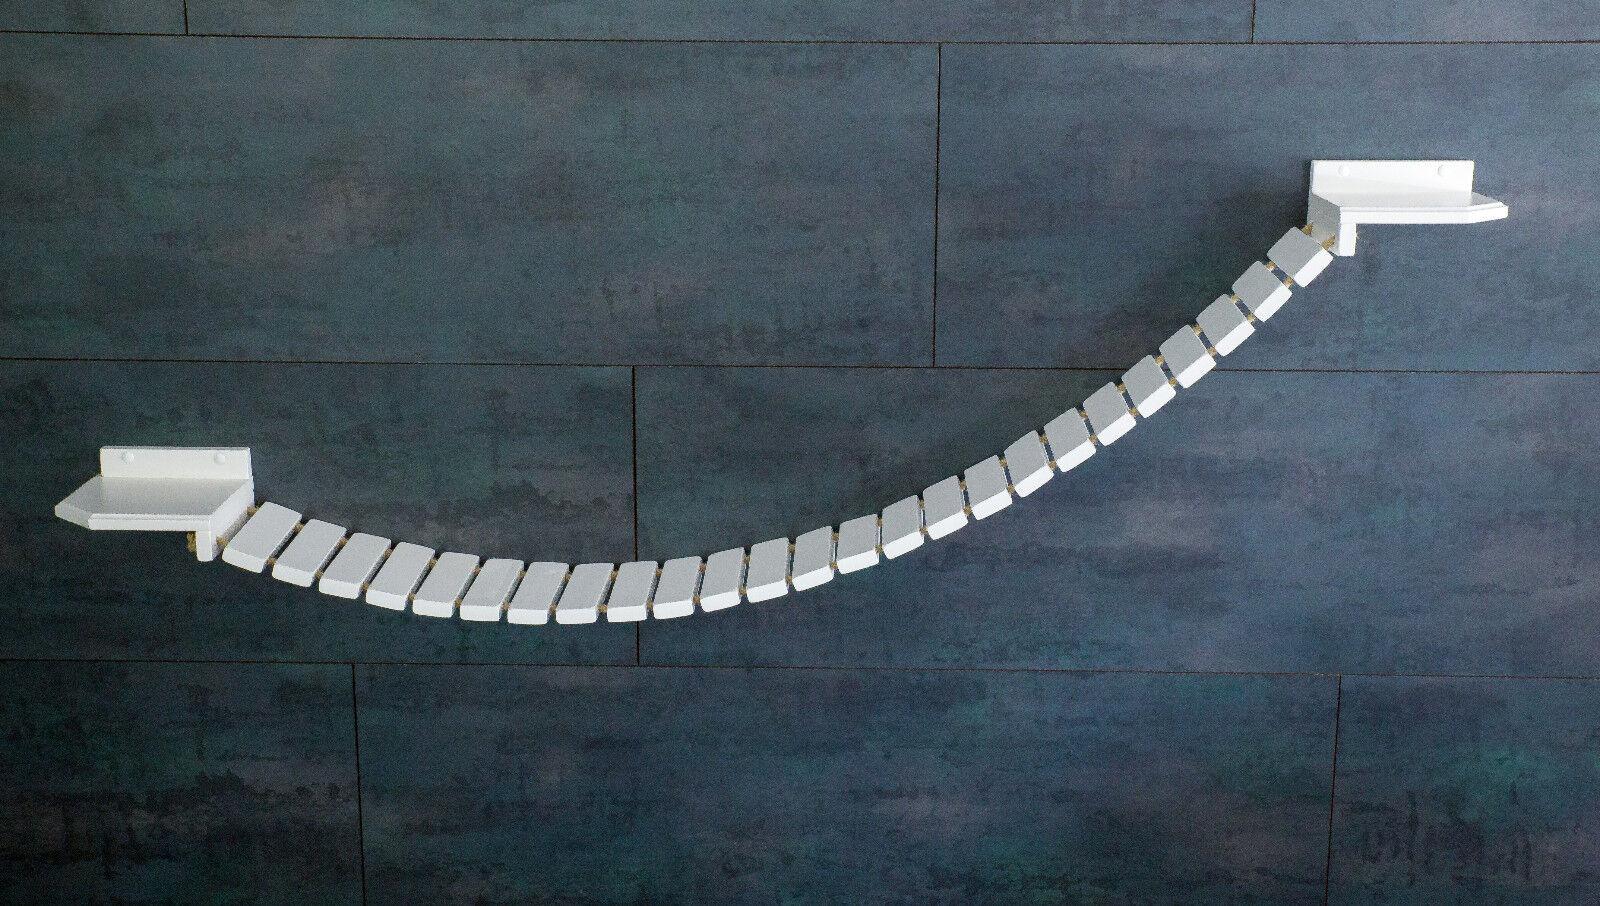 Gatti paretemuro si arrampi muro Park! ponte sospeso 190x 20 cm, Bianco 2wg